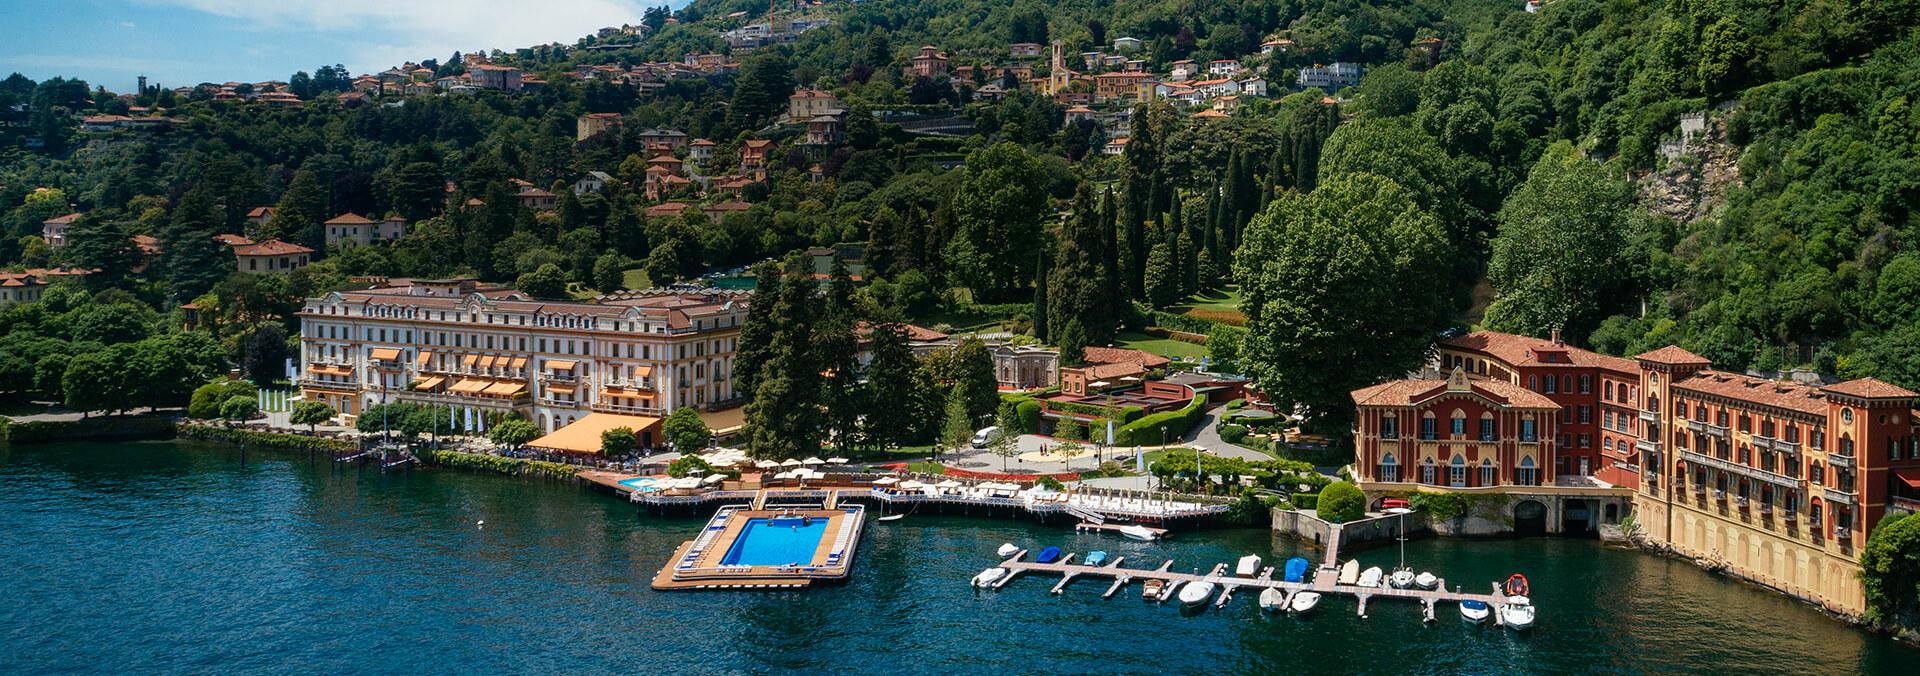 Concorso d\'Eleganza Villa d\'Este | The Concorso d\'Eleganza ...